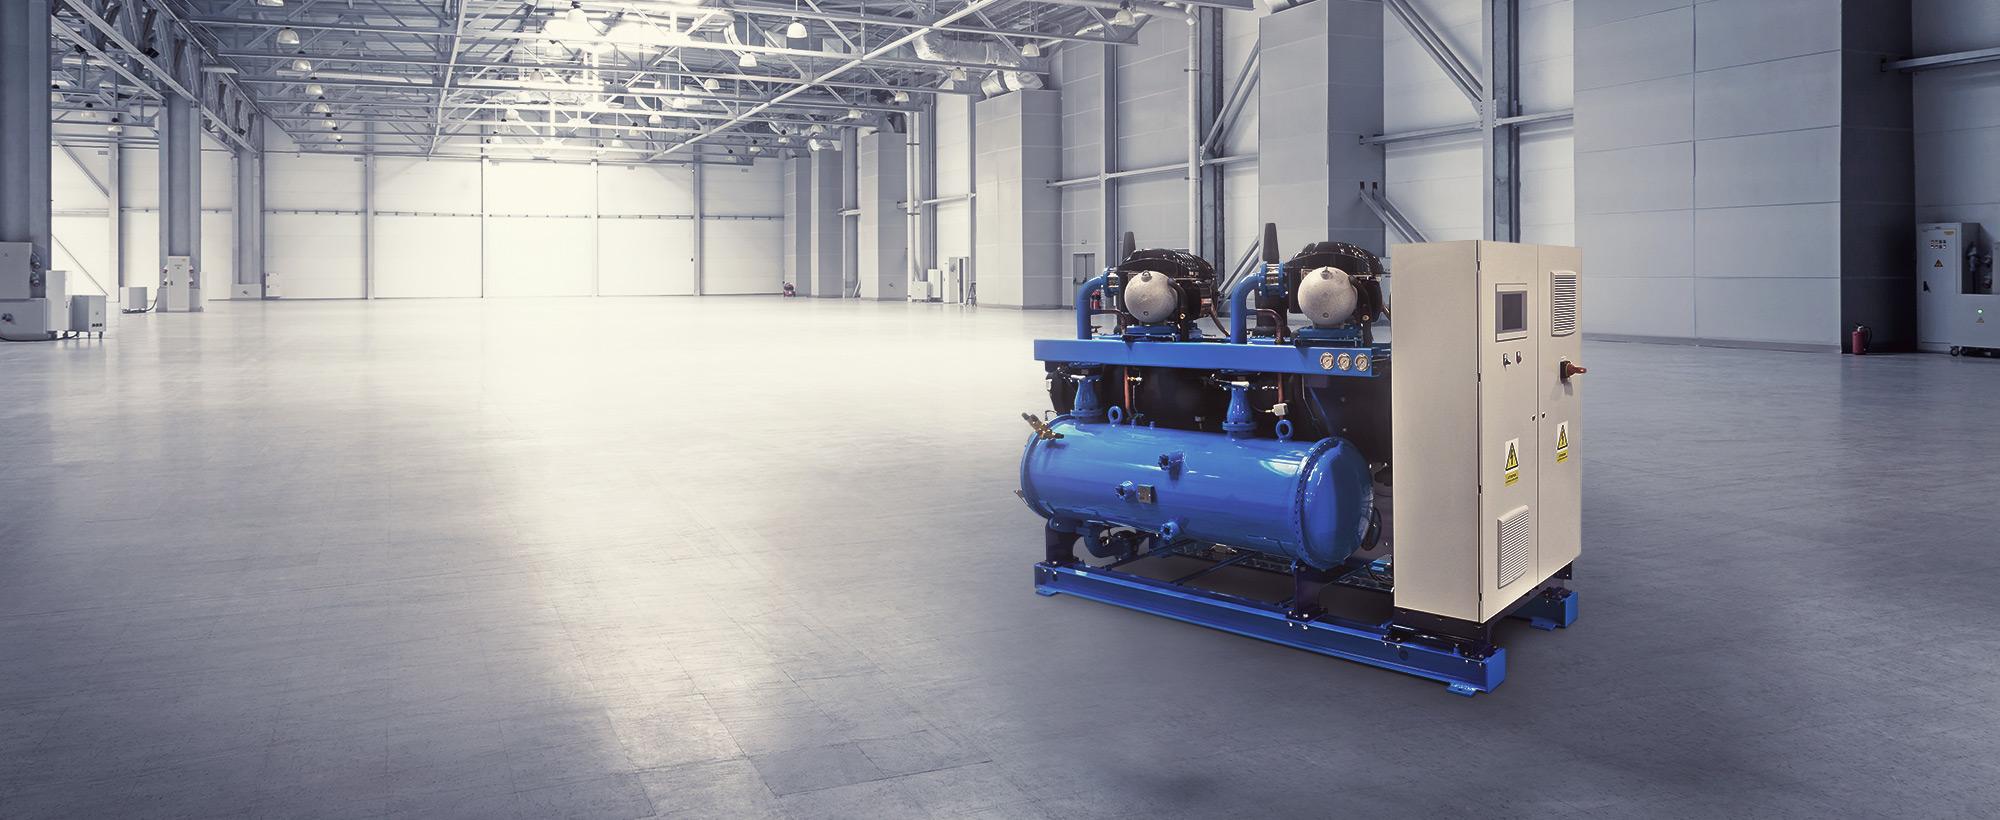 Průmyslové chladírenské technologie se špičkovými technickými i hygienickými parametry